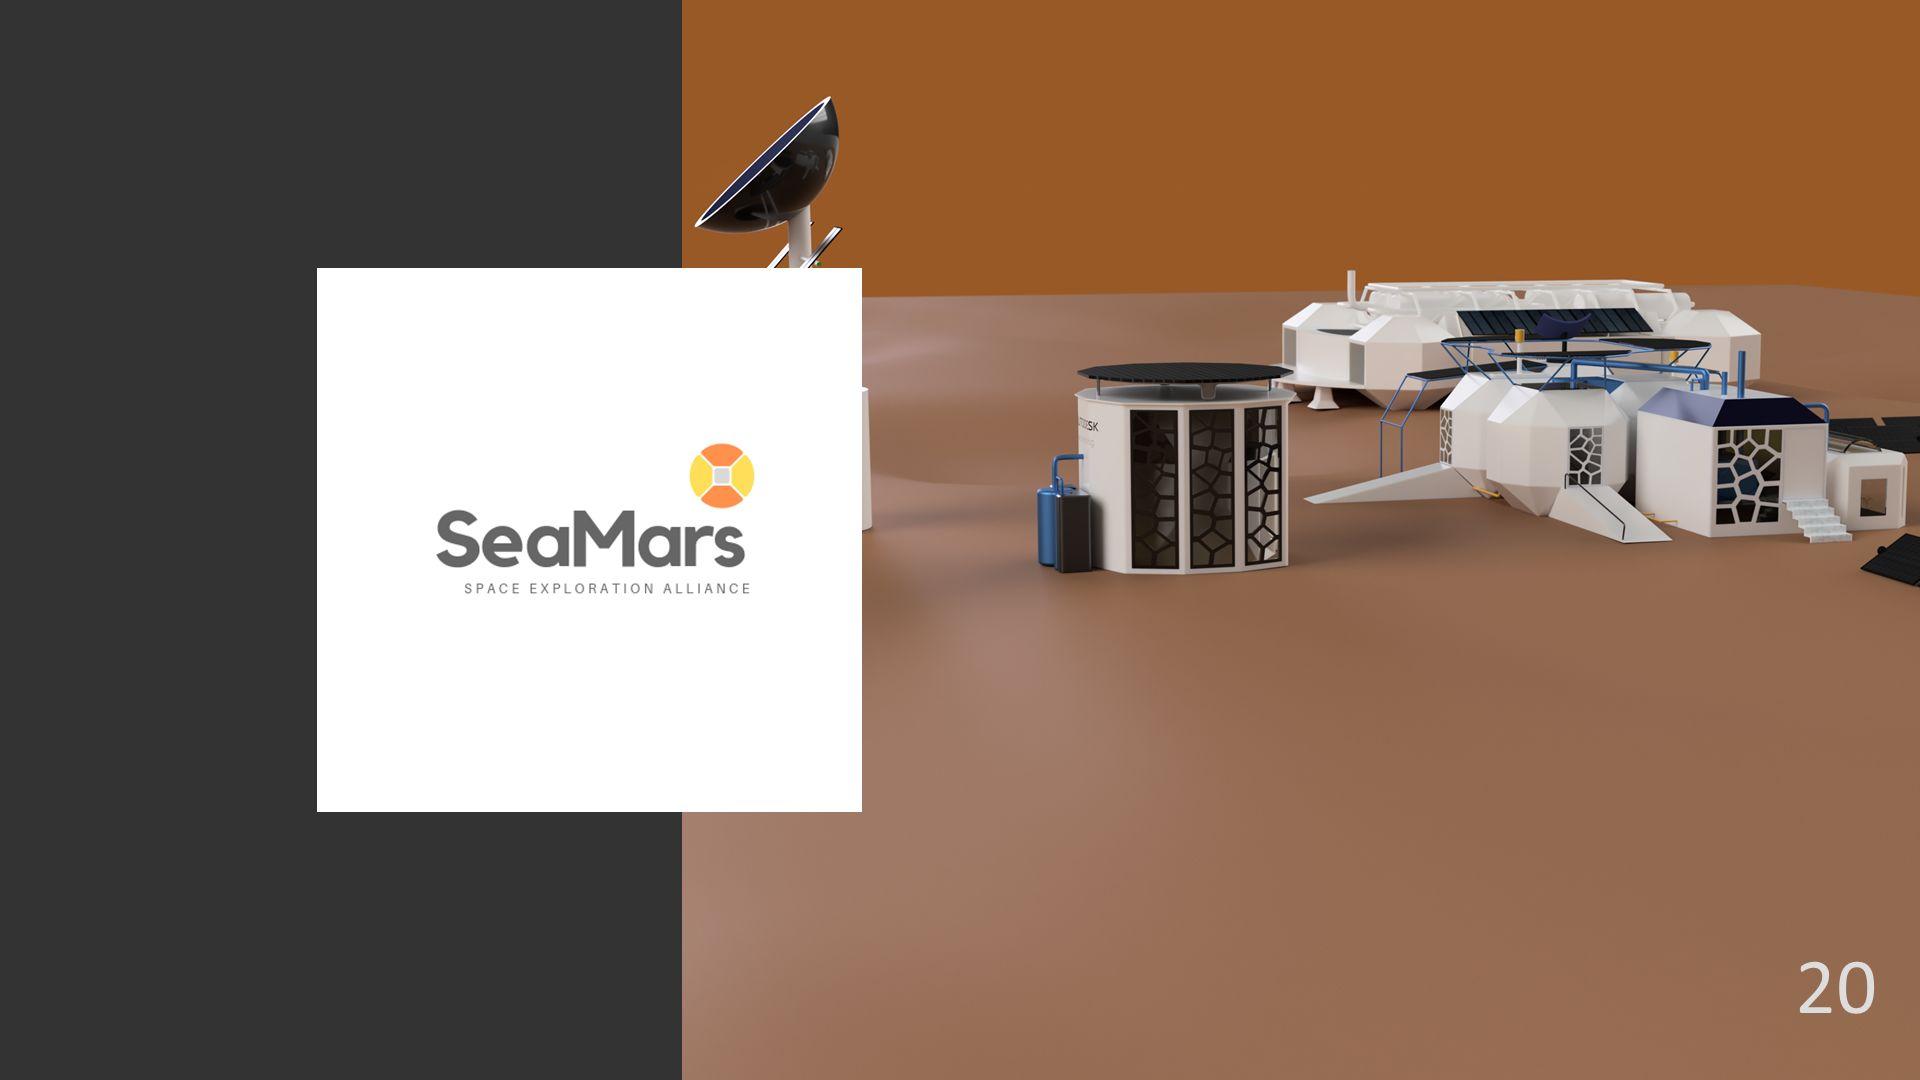 Mars-design---fabrica-de-nerdes---clube-de-inovacoes-by-lucas-lira-santos10-3500-3500